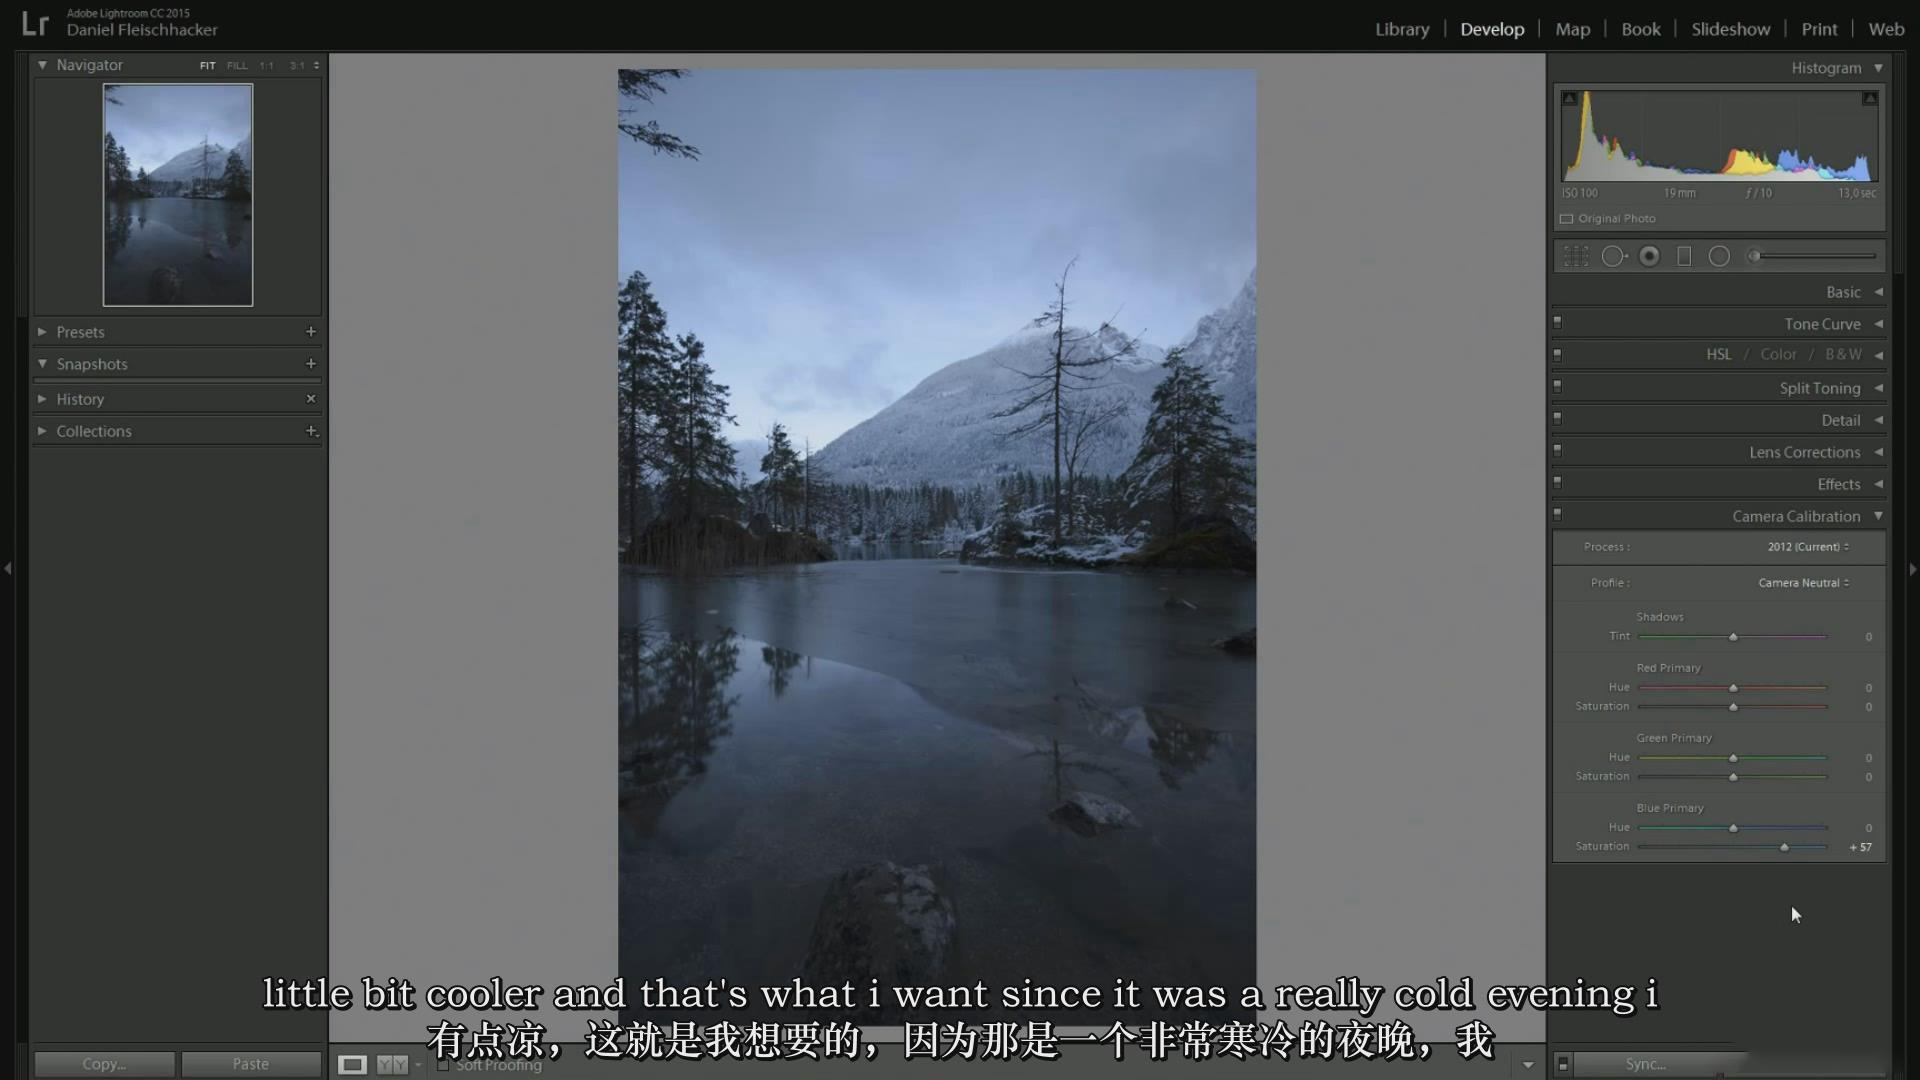 摄影教程_Daniel Fleischhacker景观和自然风光摄影Photoshop后期大师班-中英字幕 摄影教程 _预览图4